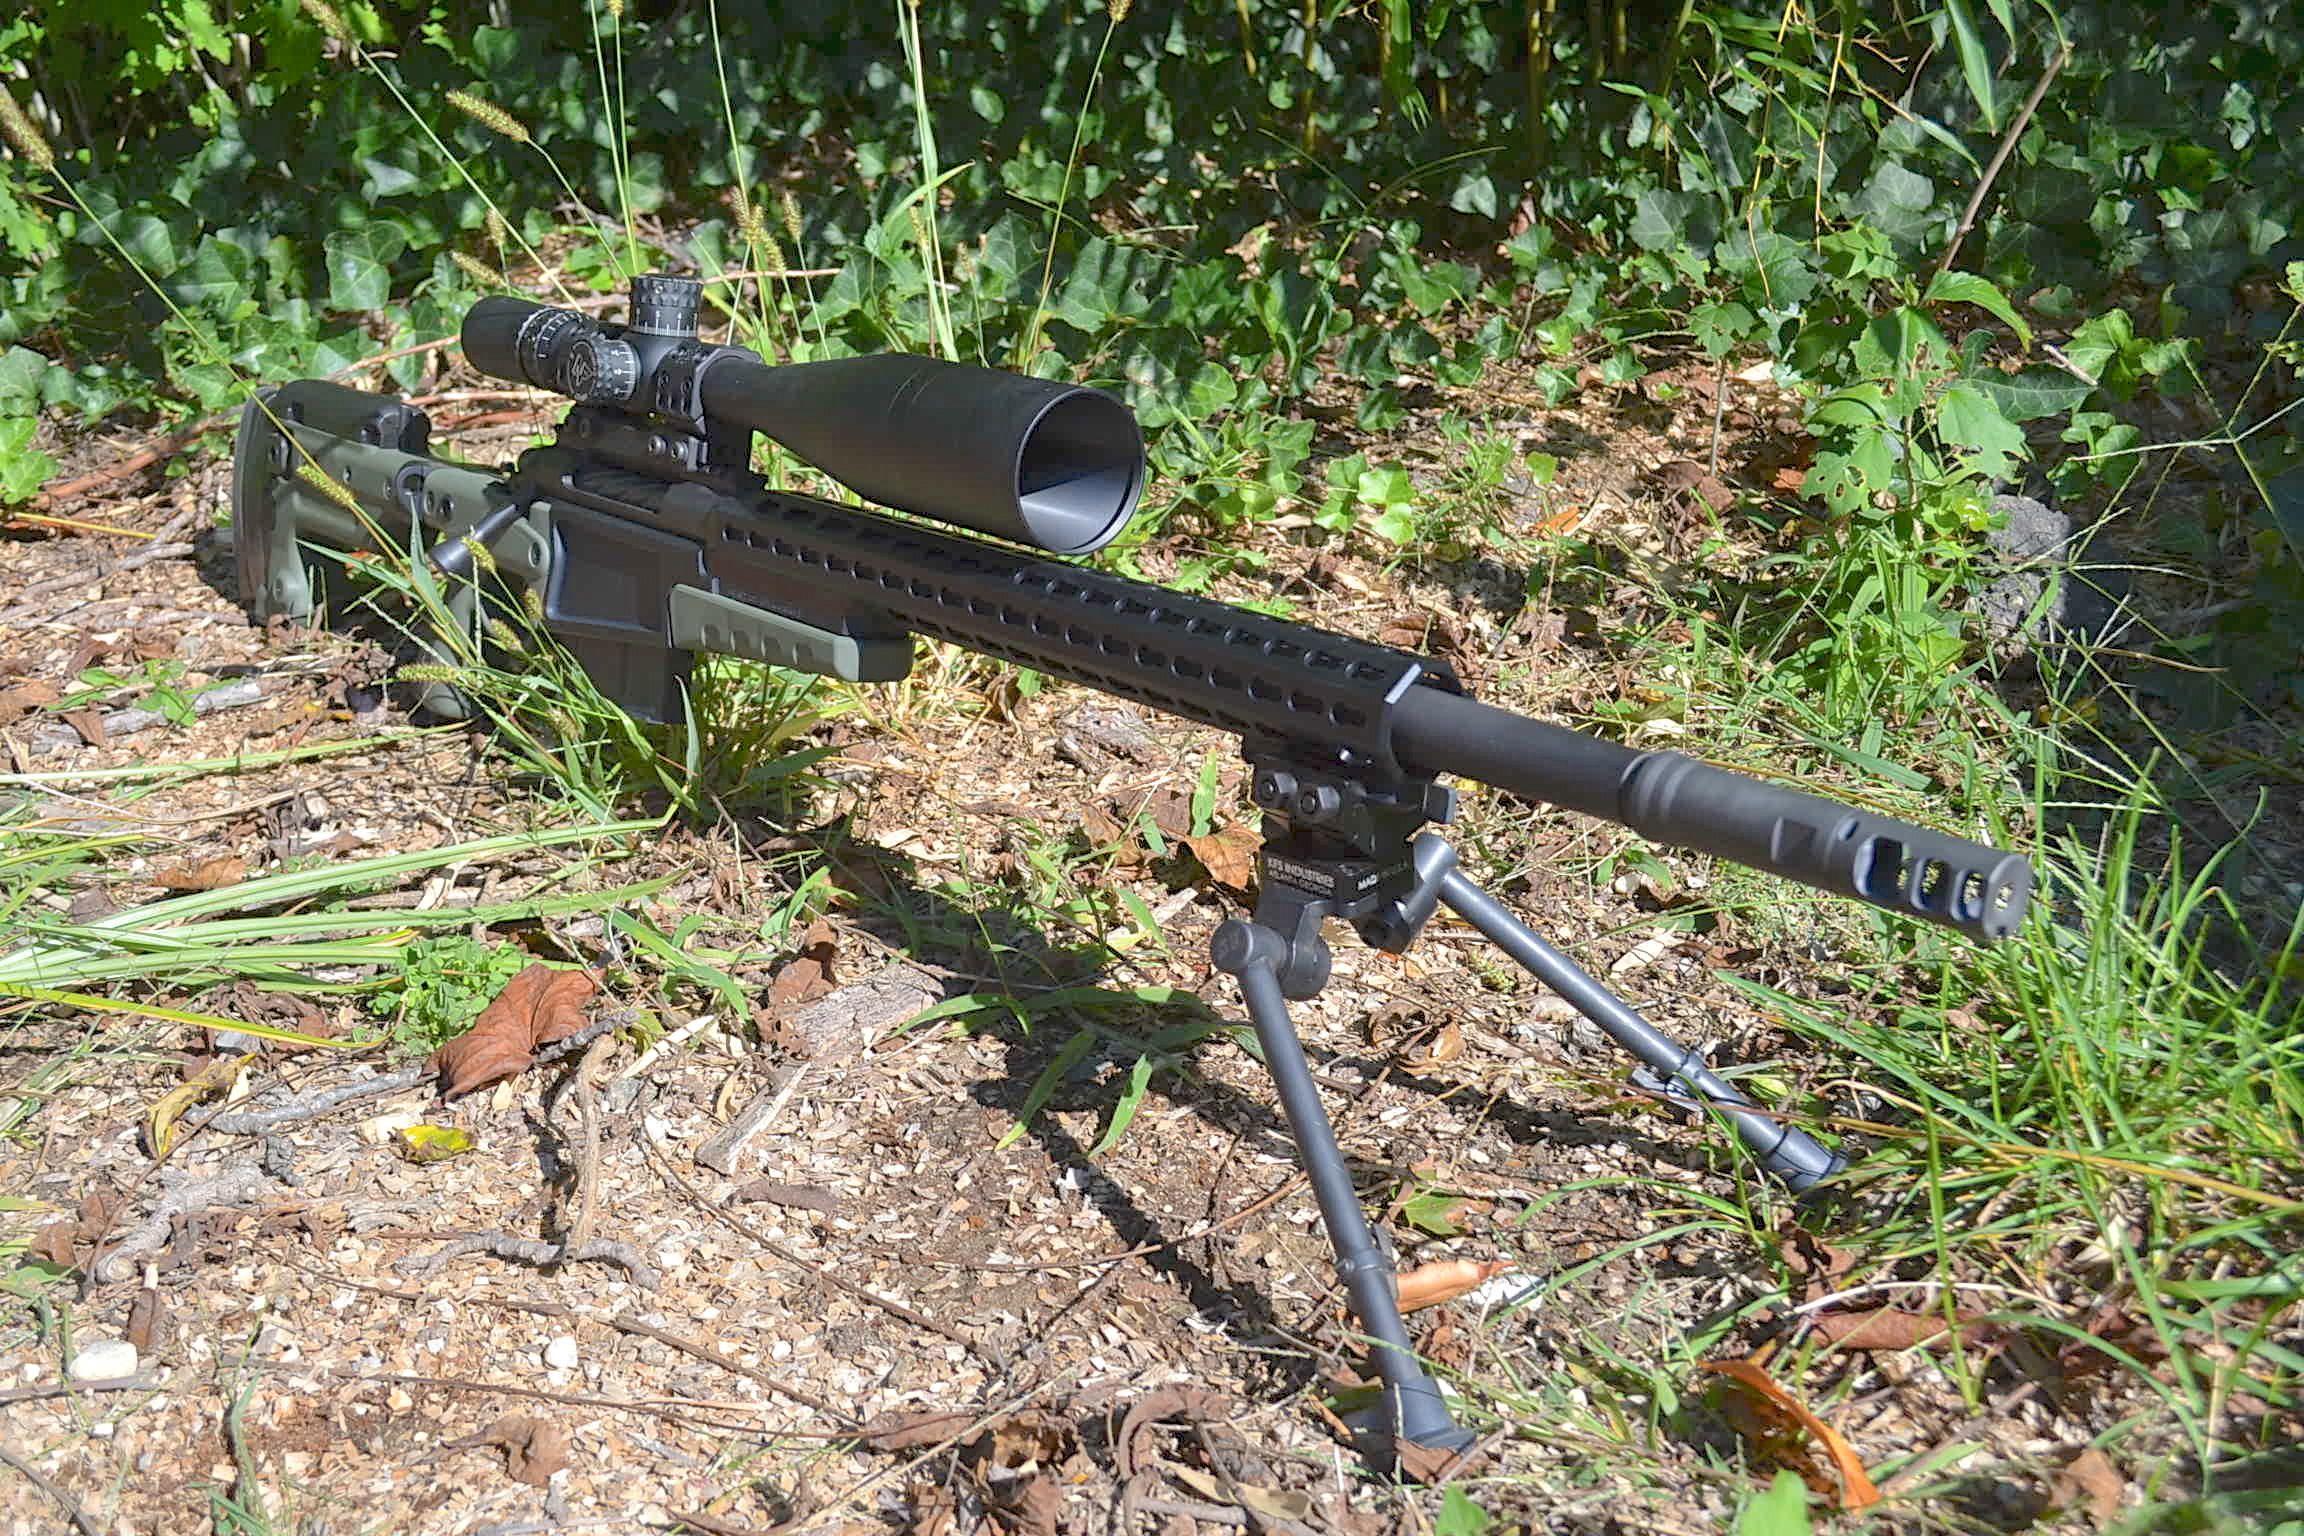 338 Lapua Magnum Kivääri